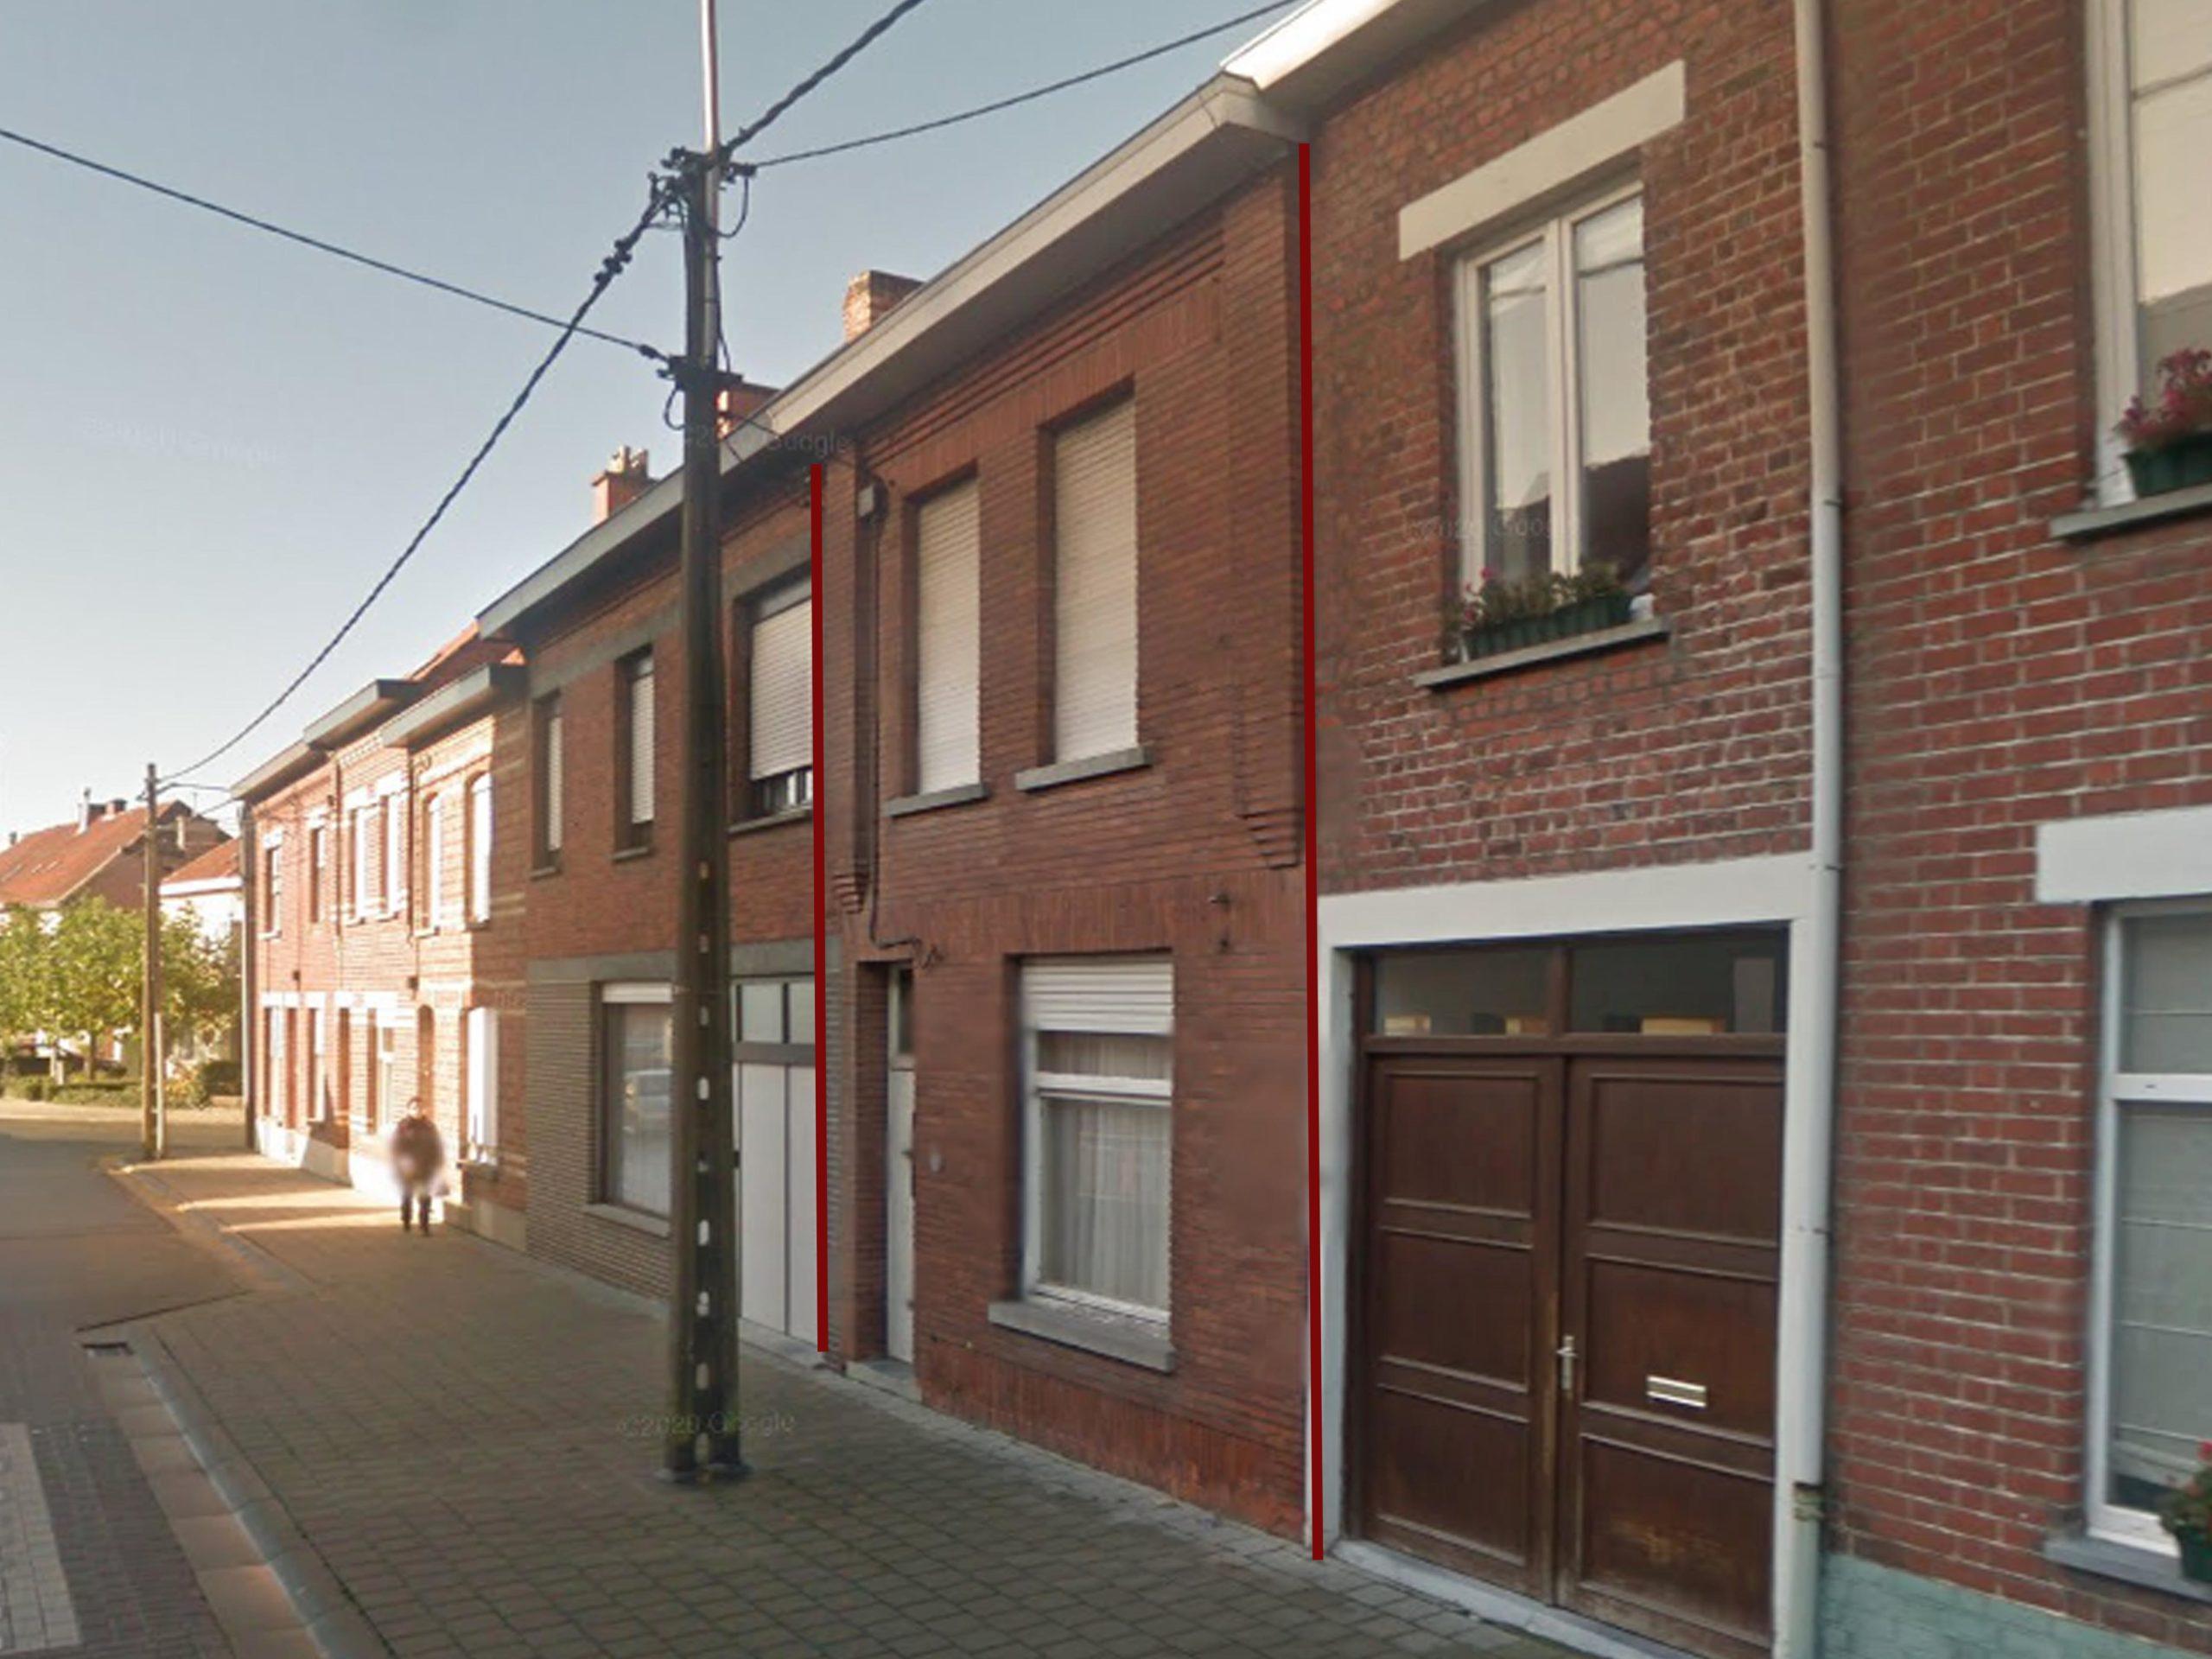 renovatiewoning: bieden vanaf 60.000€